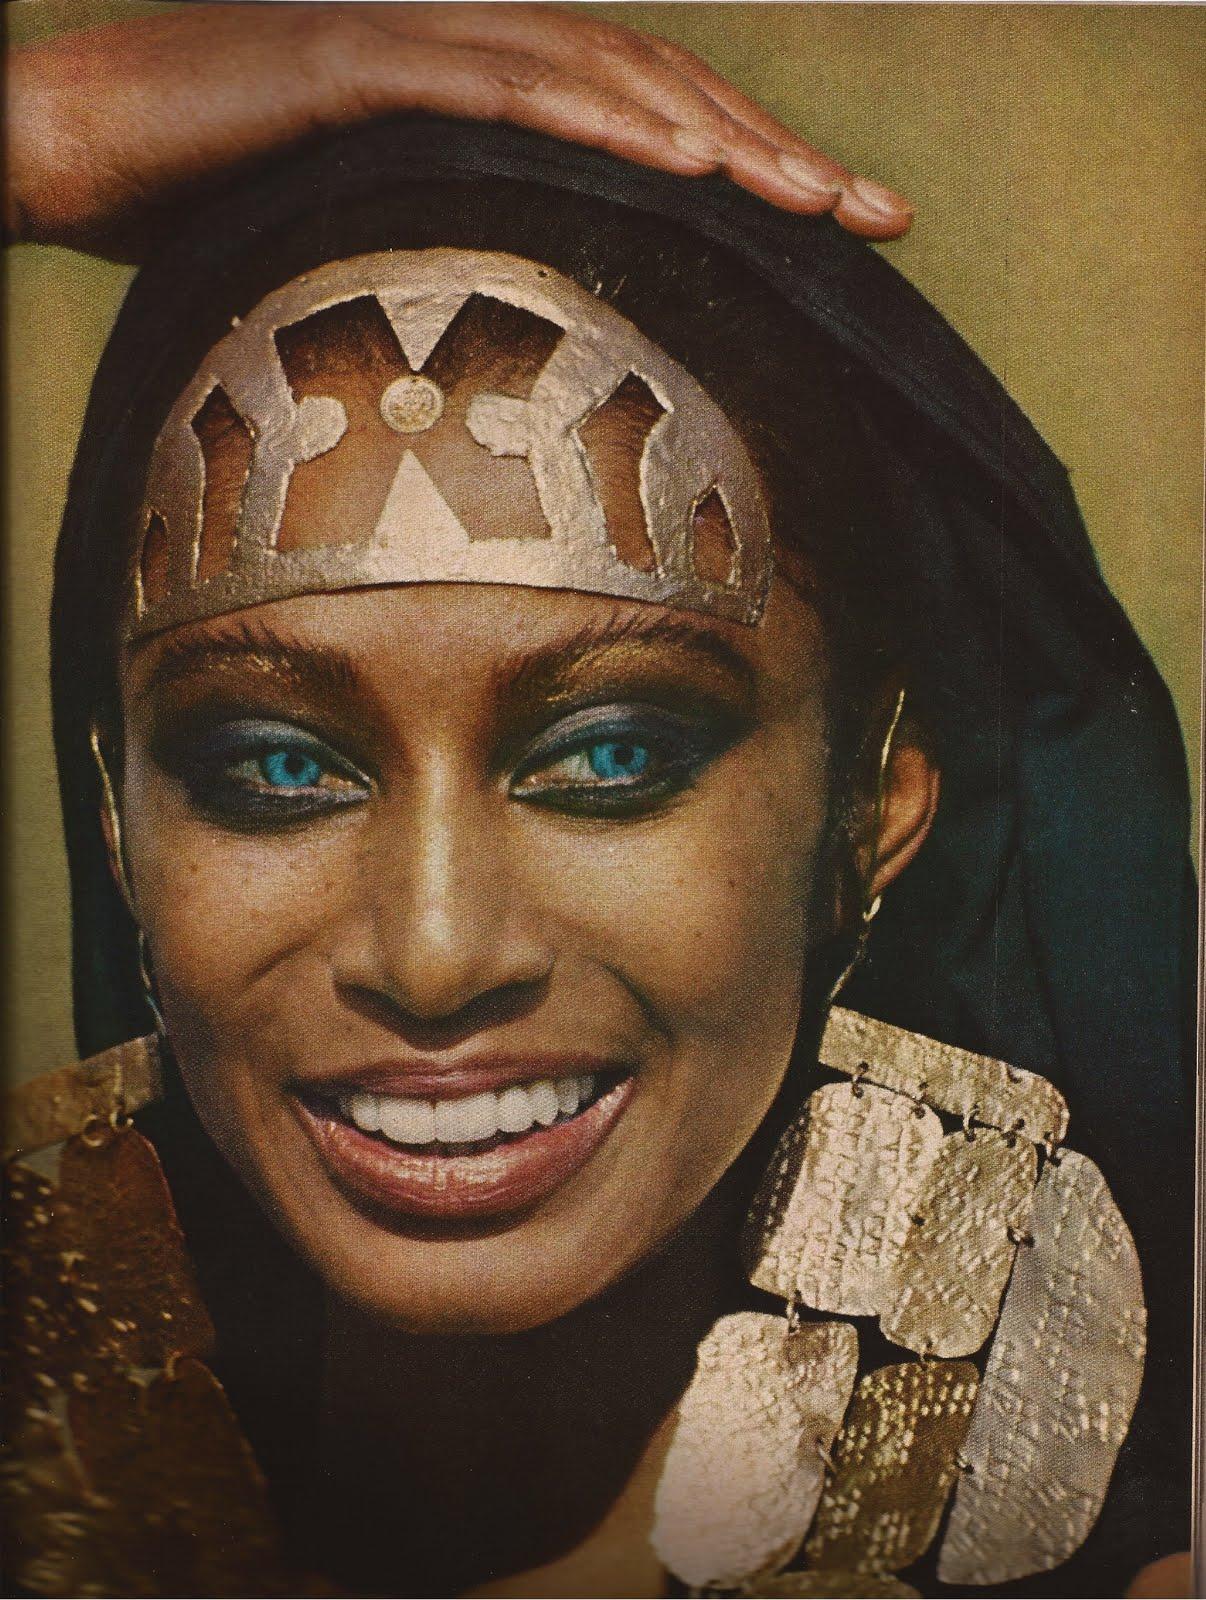 http://1.bp.blogspot.com/-ATho3fUNY6Q/UJMOJgjKz6I/AAAAAAAAG-k/mhccEs--Xlg/s1600/Vogue+April1,+1969-1.jpg